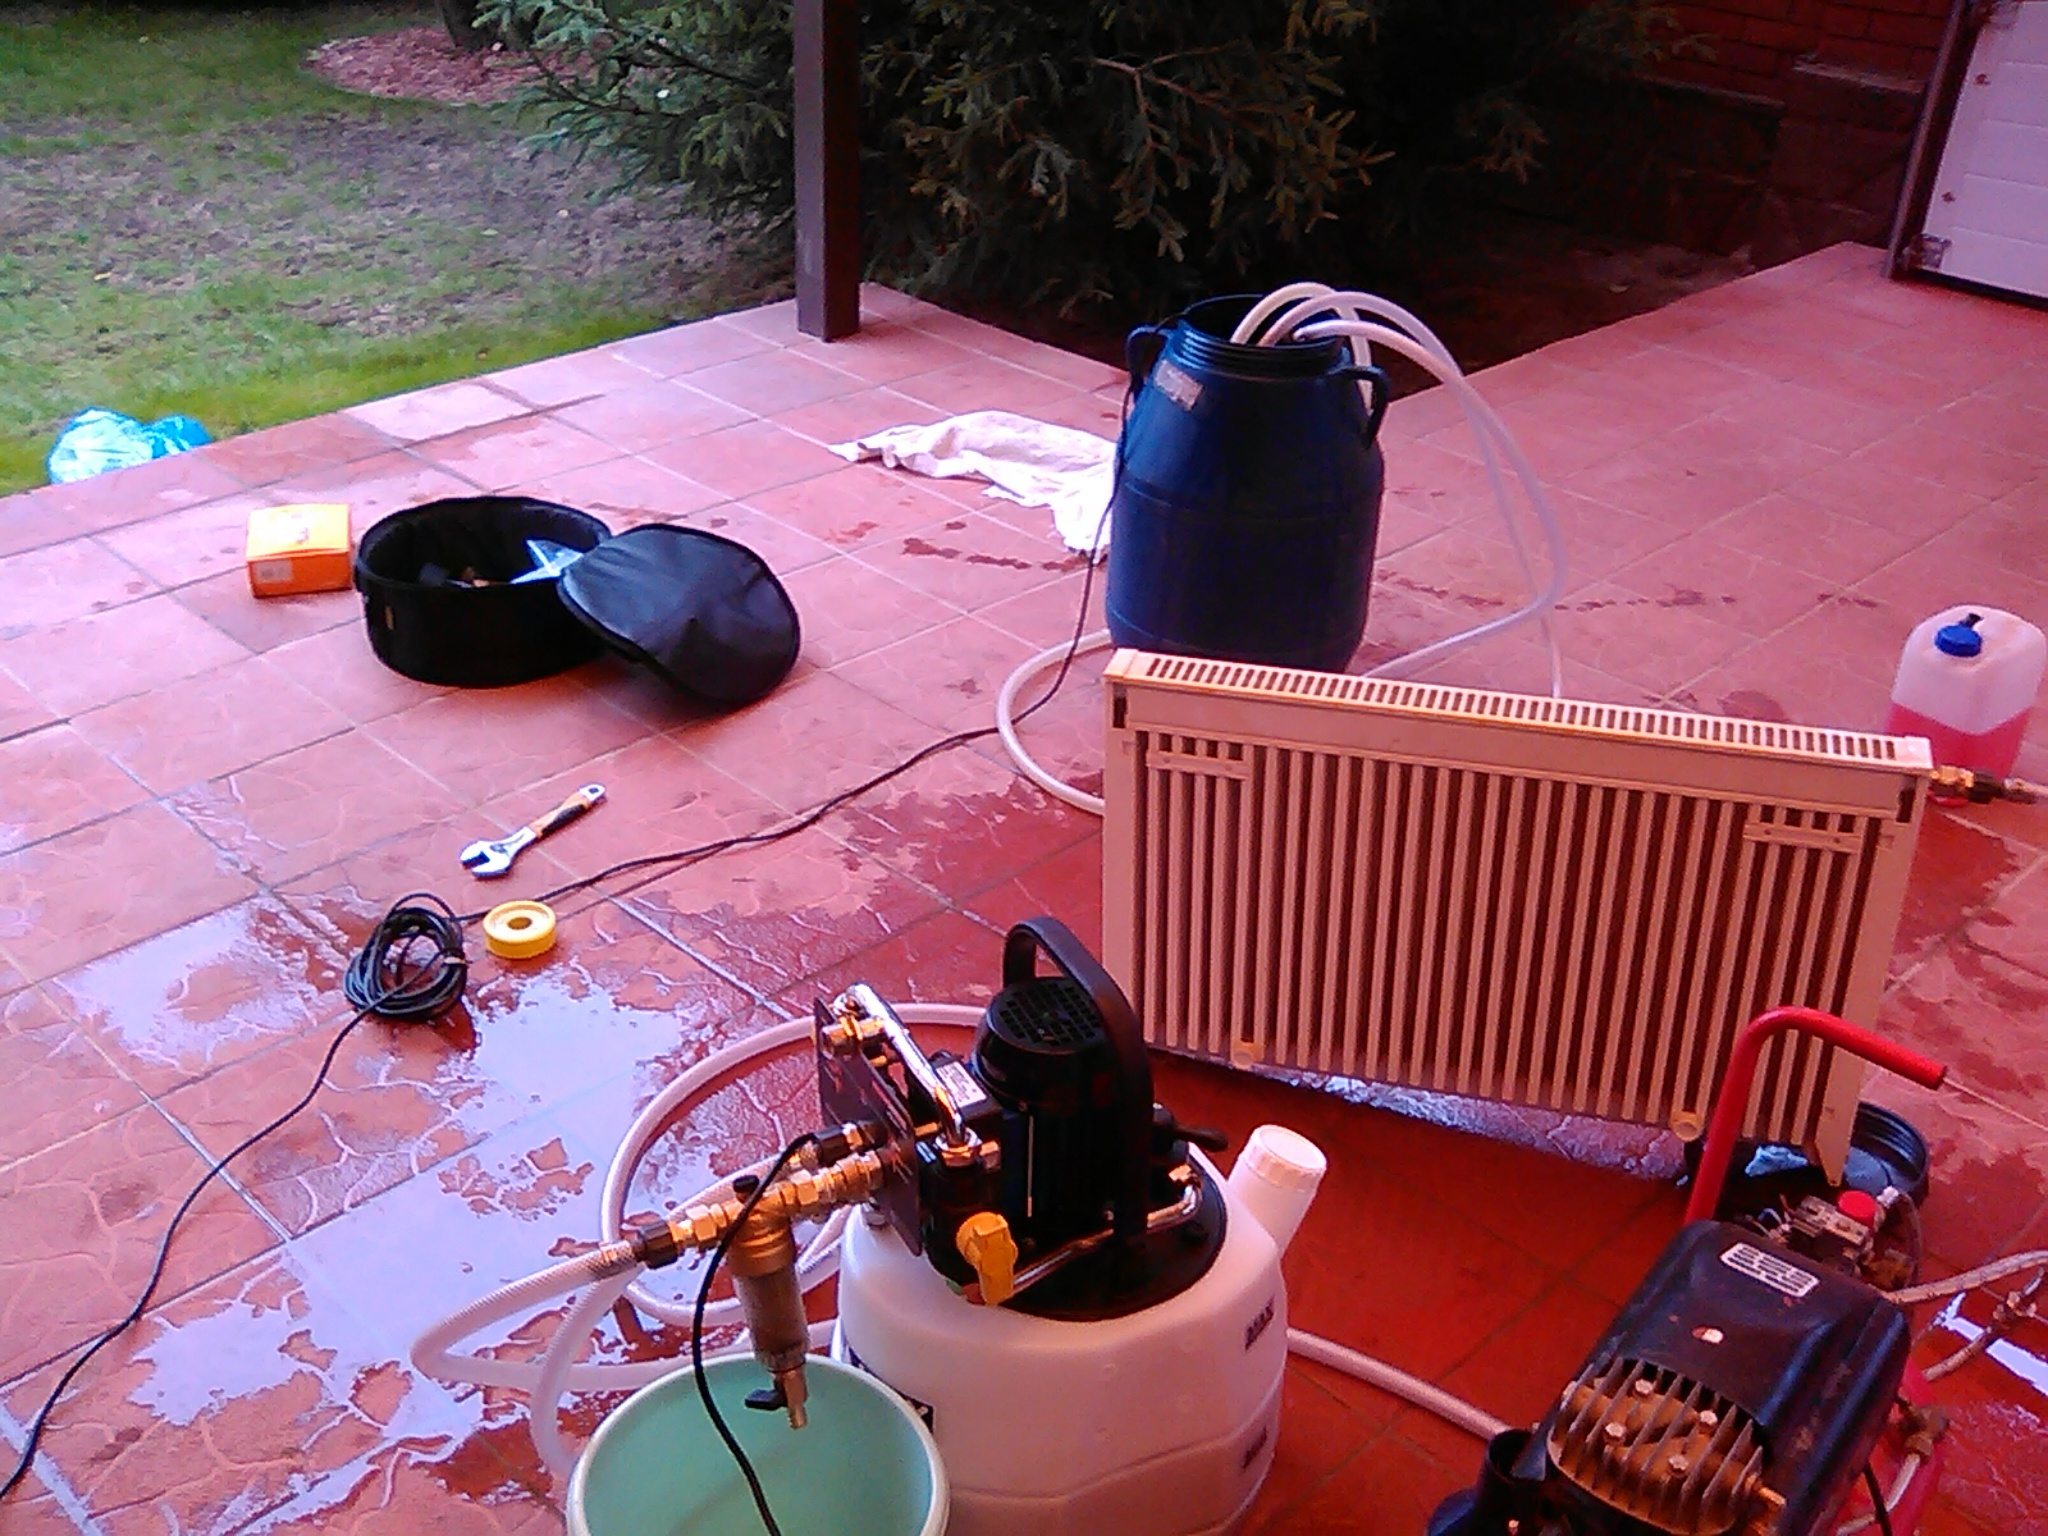 Промывка системы отопления: способы промывки отопления